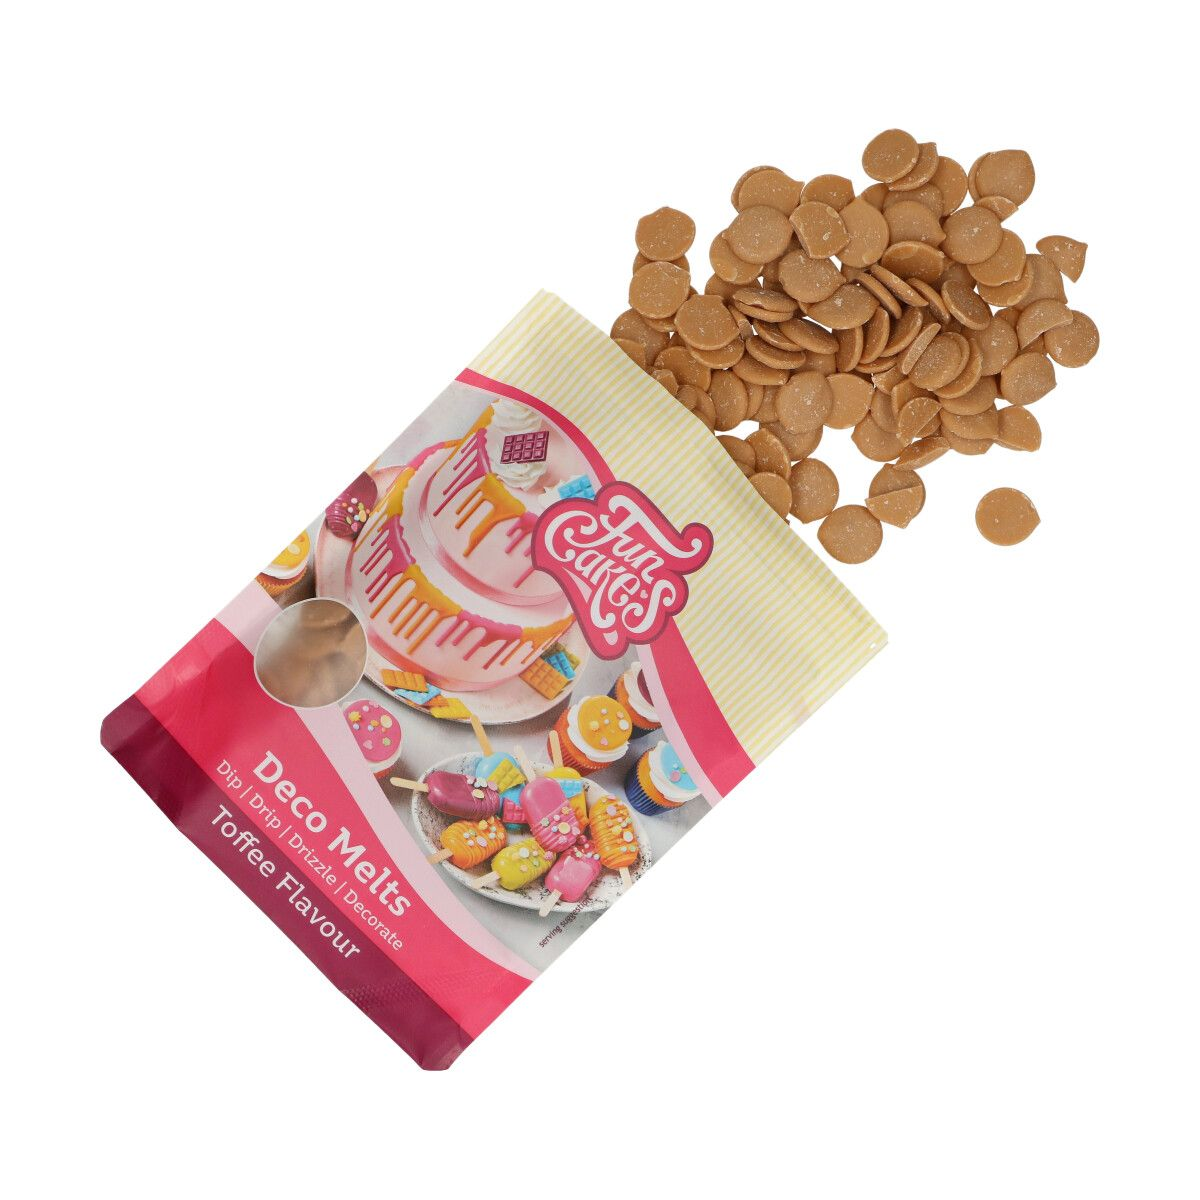 Candy Melts Braun mit Toffee Geschmack 250g